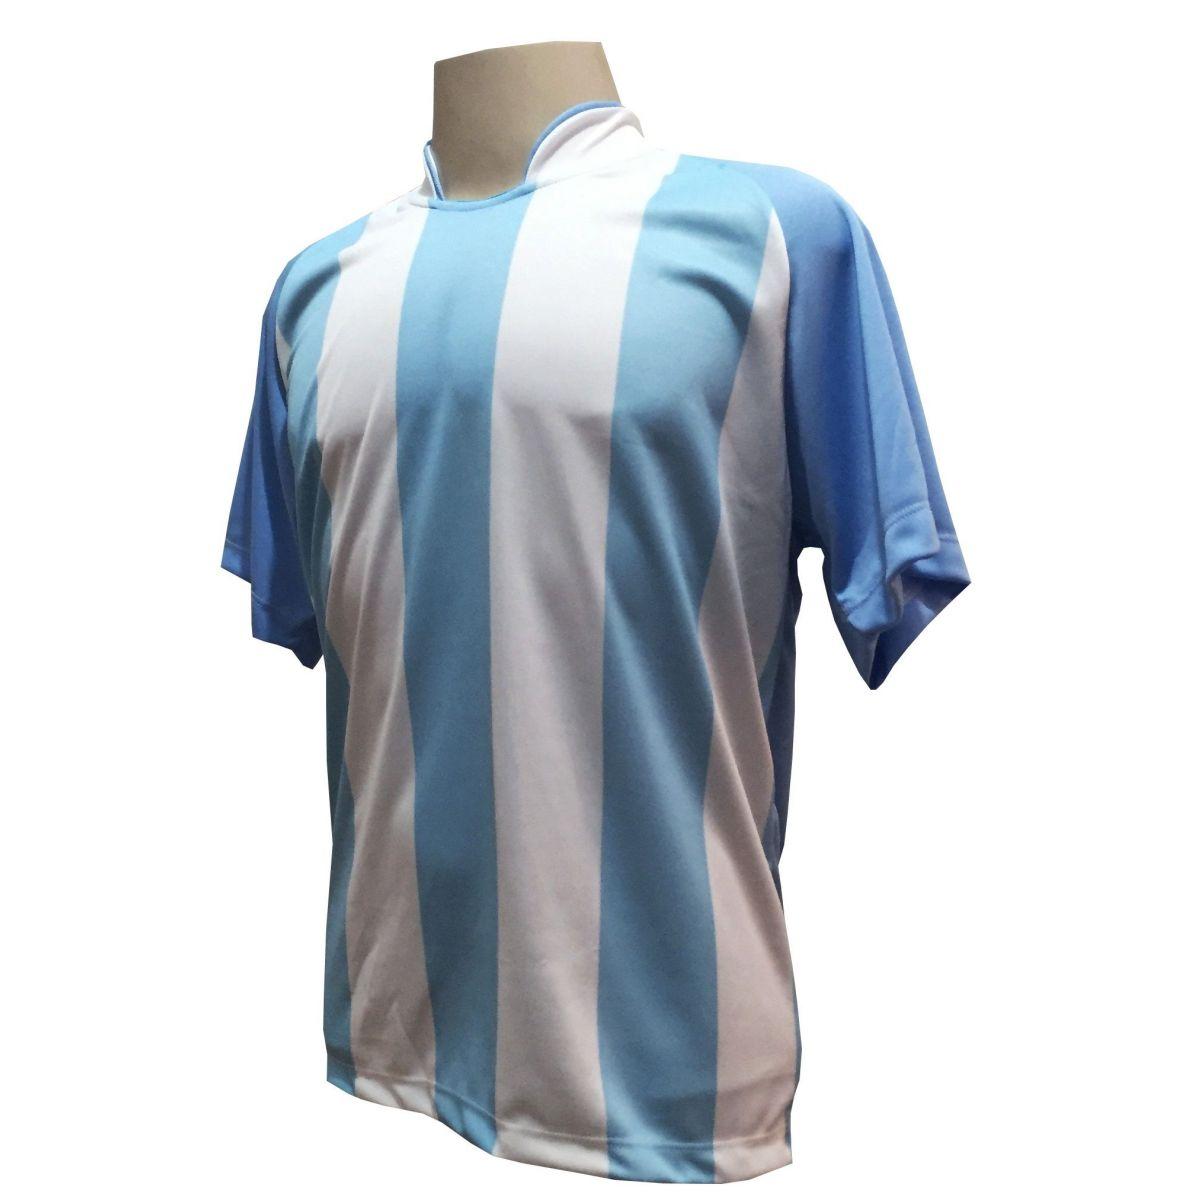 Uniforme Esportivo com 12 camisas modelo Milan Celeste/Branco + 12 calções modelo Madrid Branco + Brindes